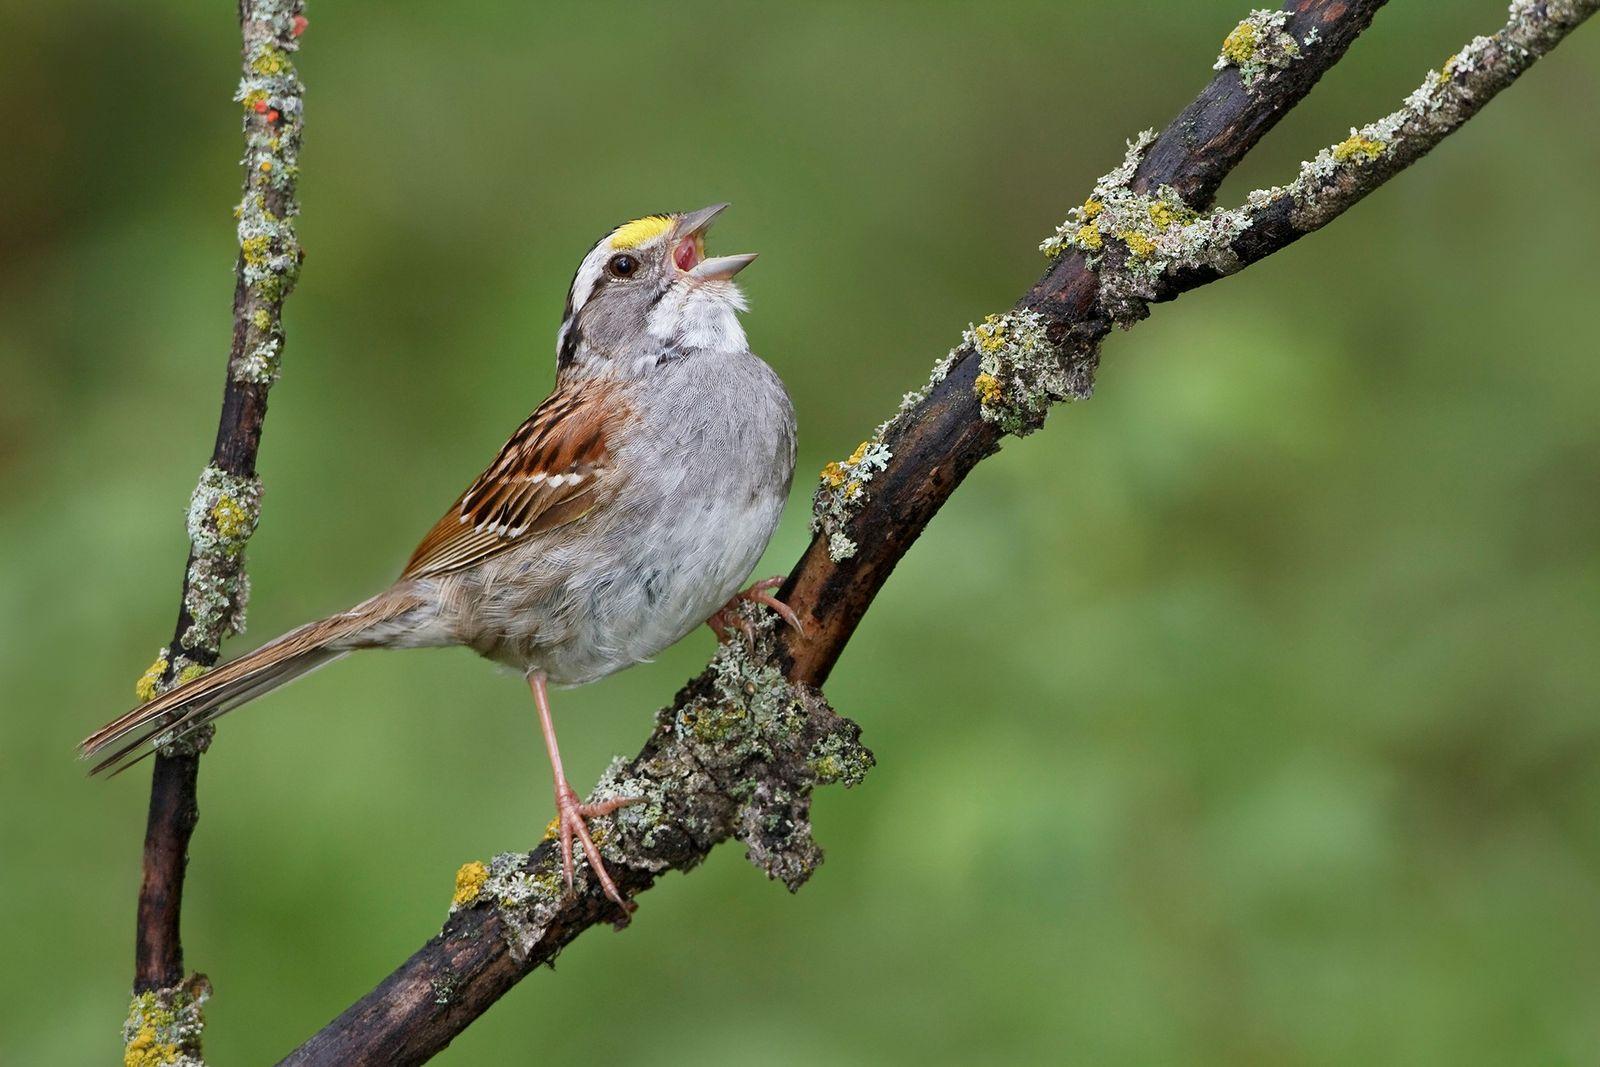 Estas aves han adoptado un canto nuevo, un cambio rápido y sin precedentes